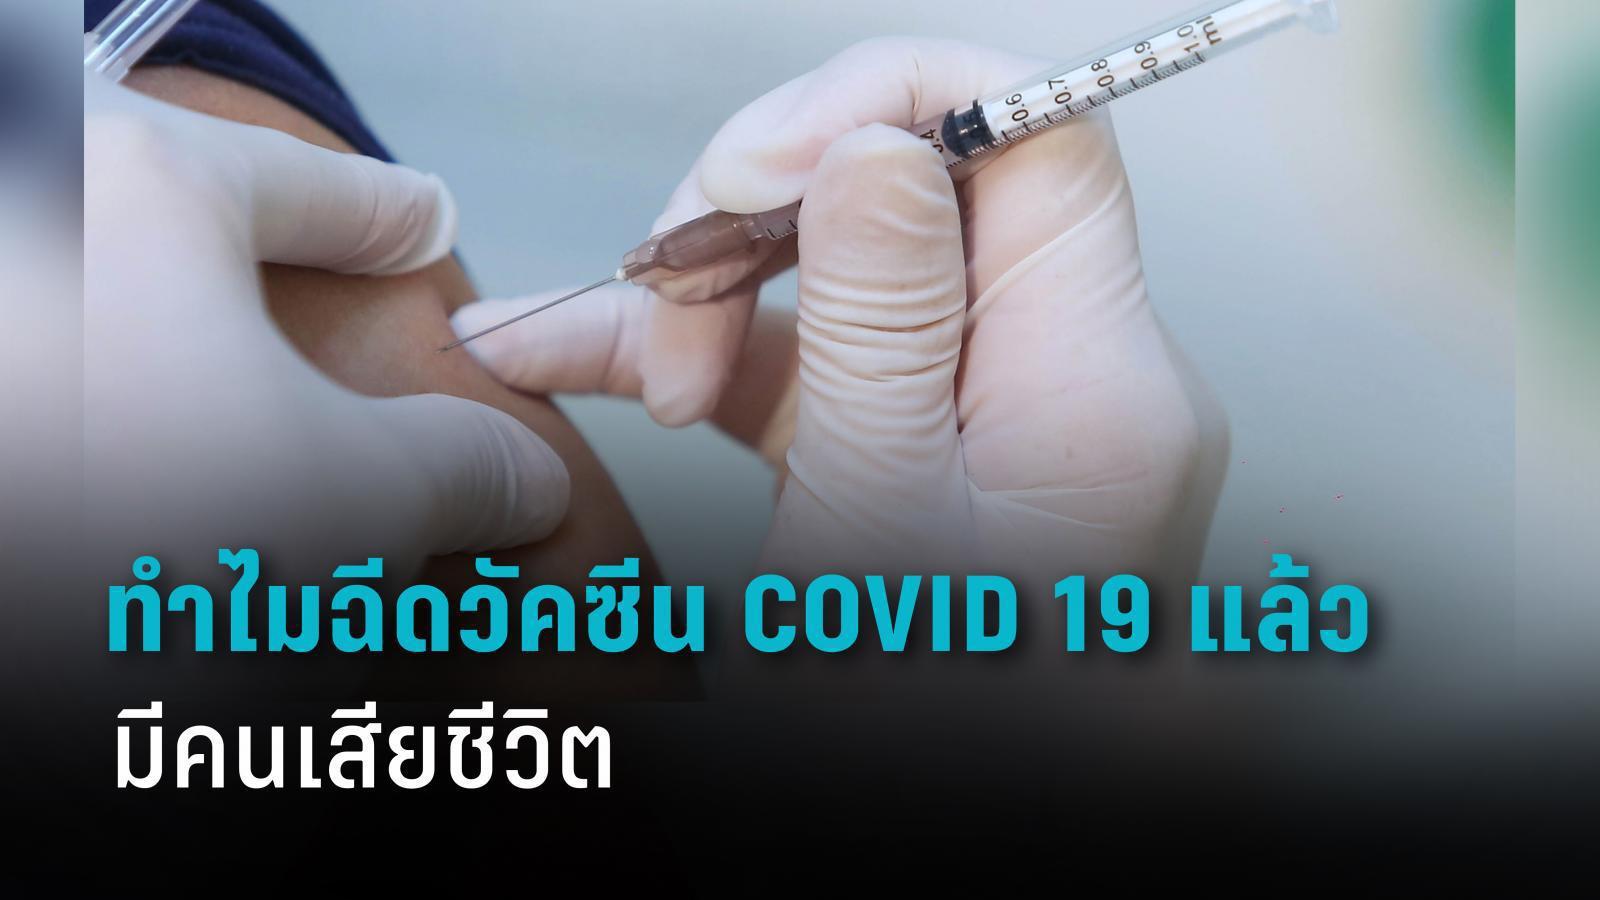 ทำไมฉีดวัคซีน COVID-19 ถึงมีคนเสียชีวิต